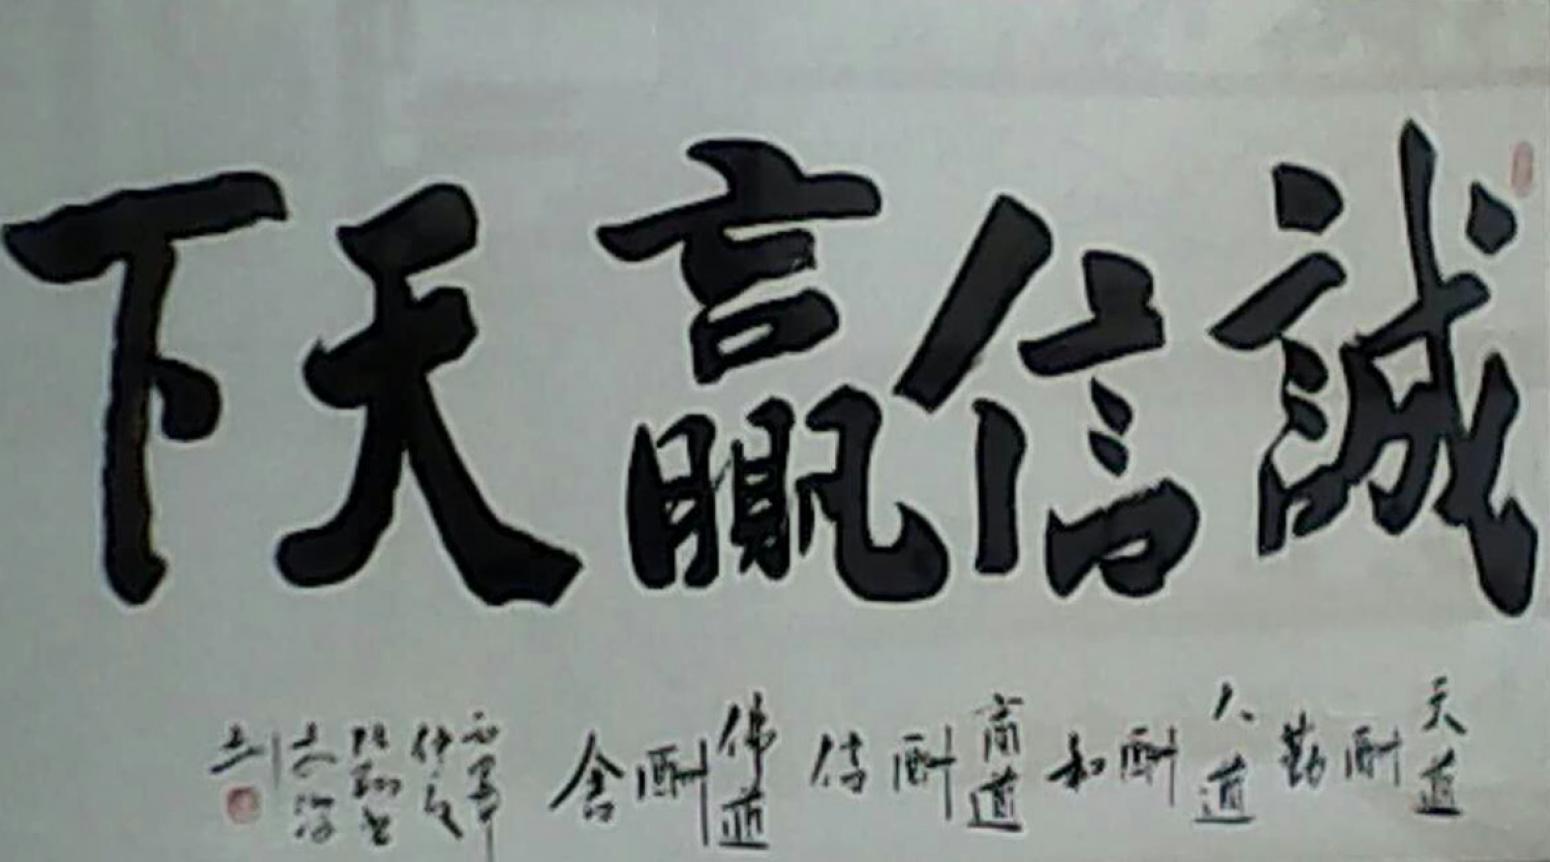 张翔书法作品《诚信赢天下》【图0】